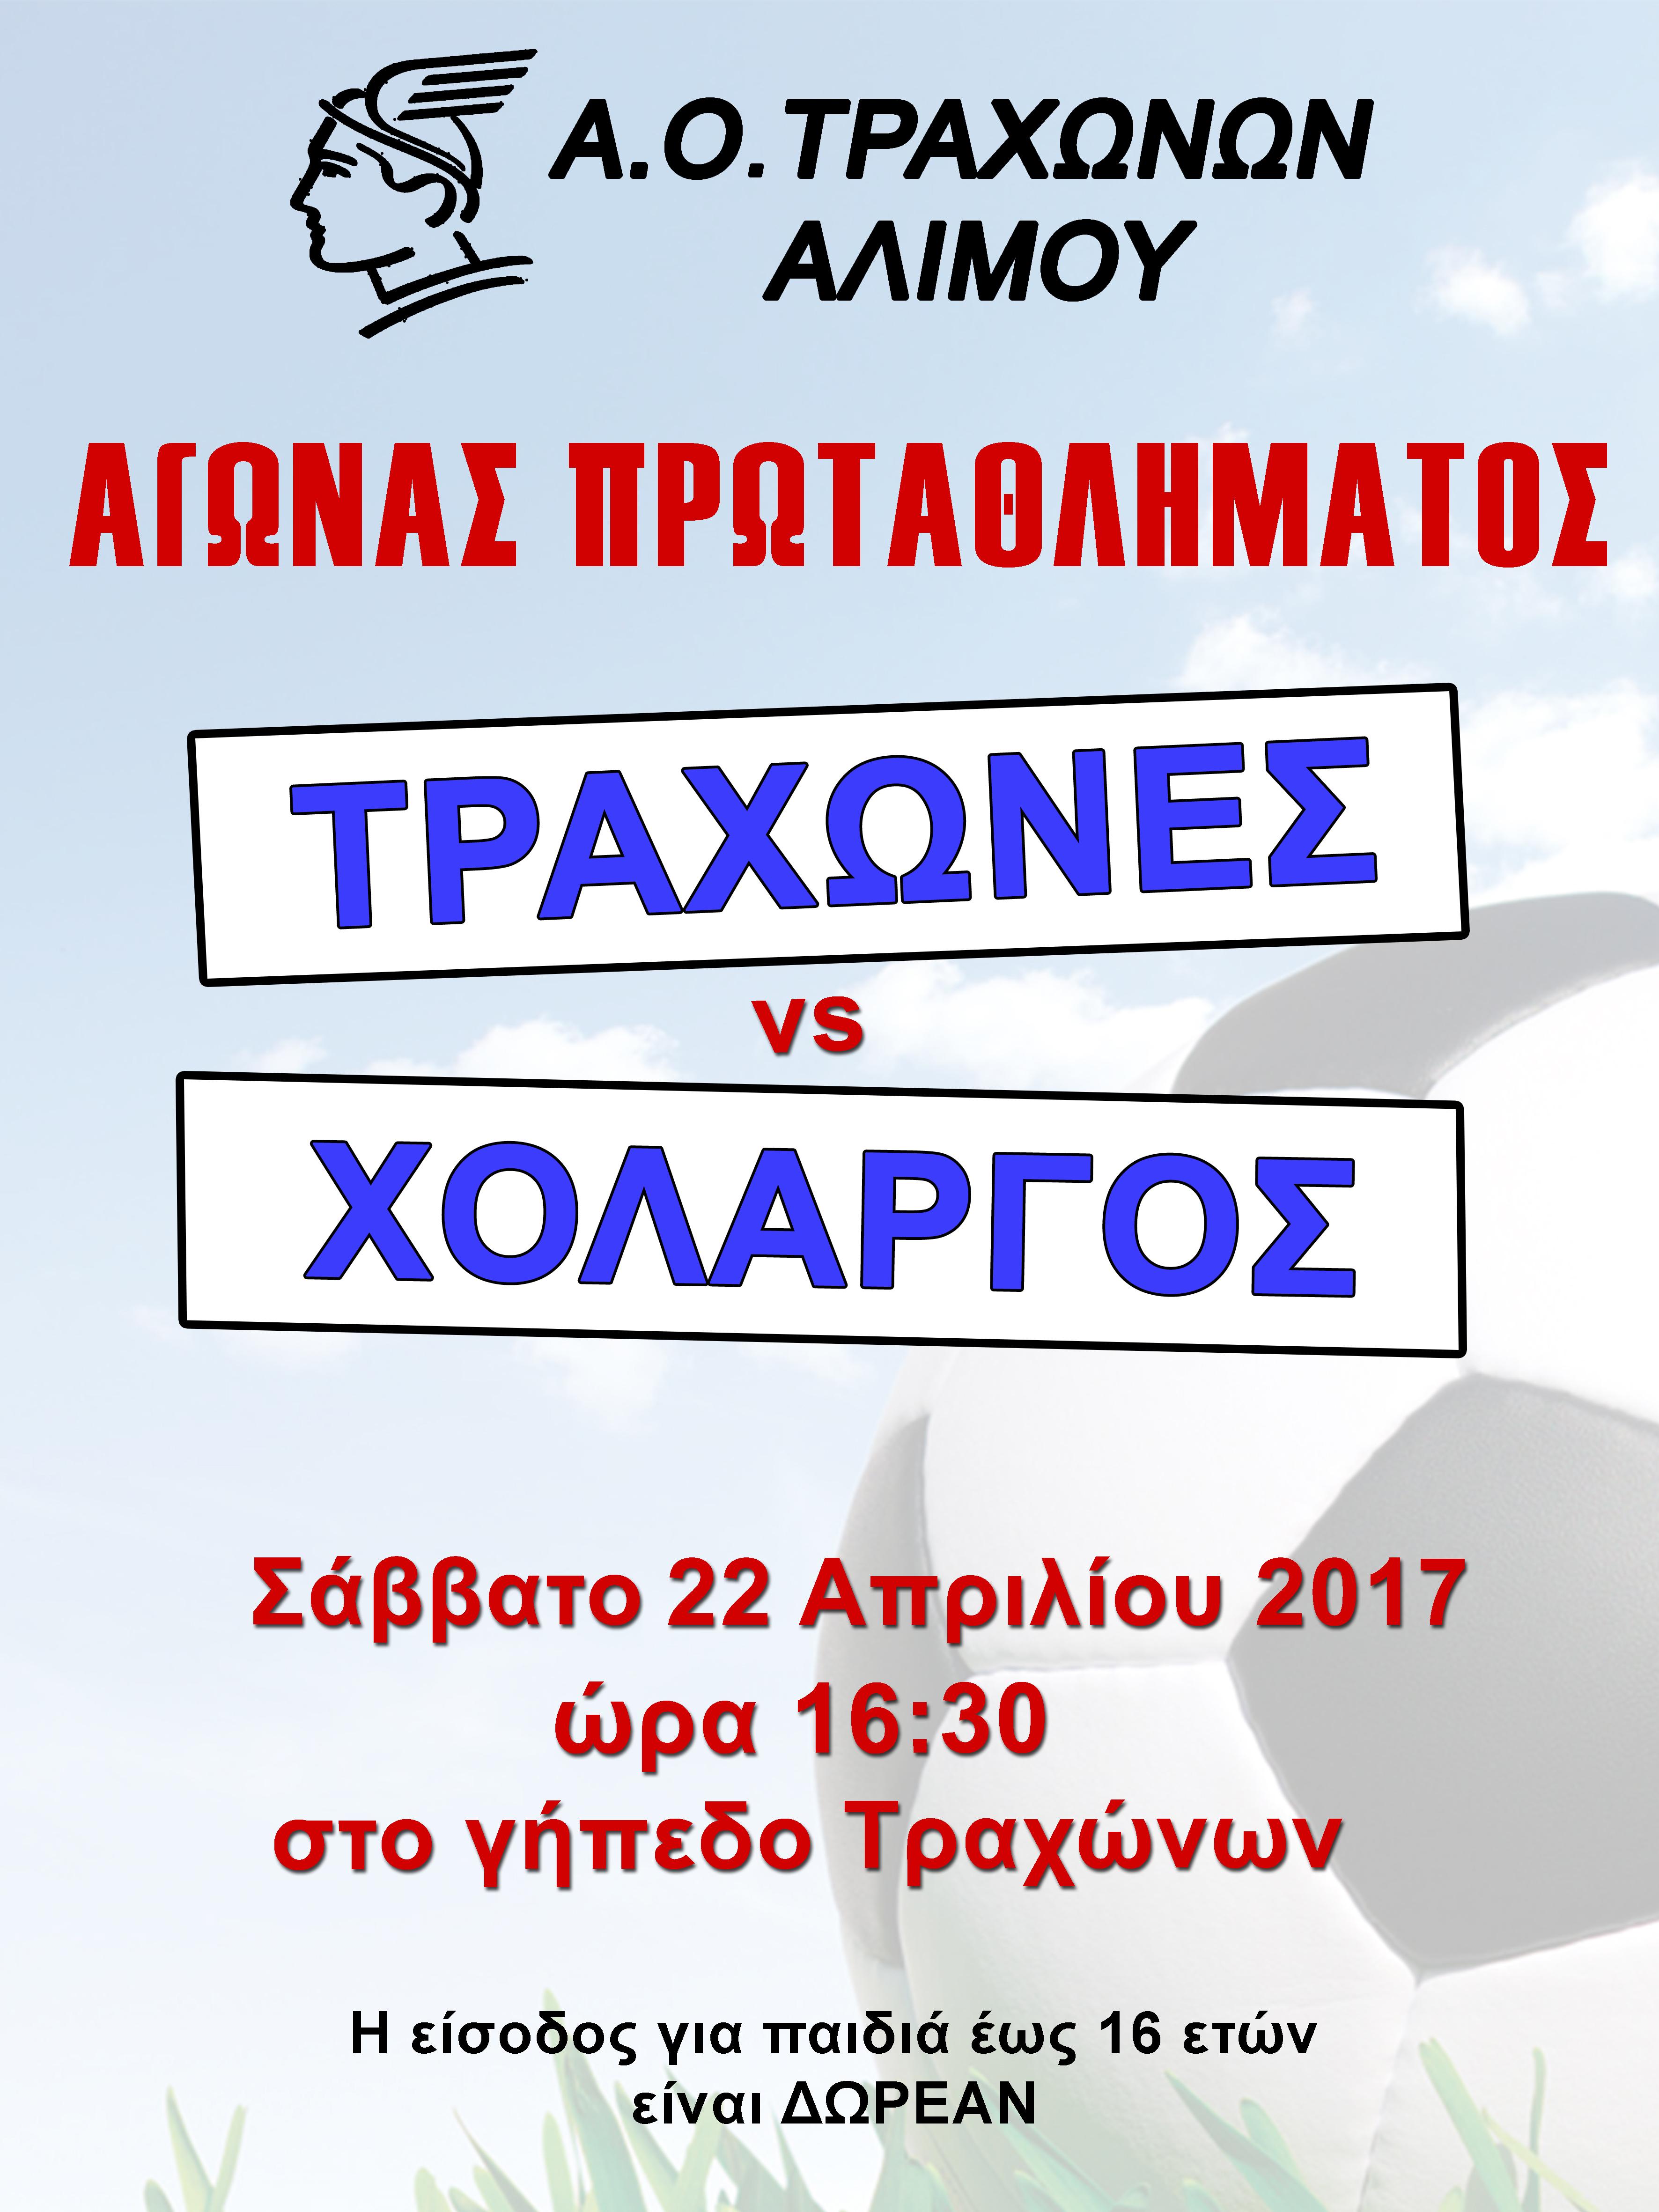 ΤΡΑΧ-ΧΟΛΑΡΓΟΣ